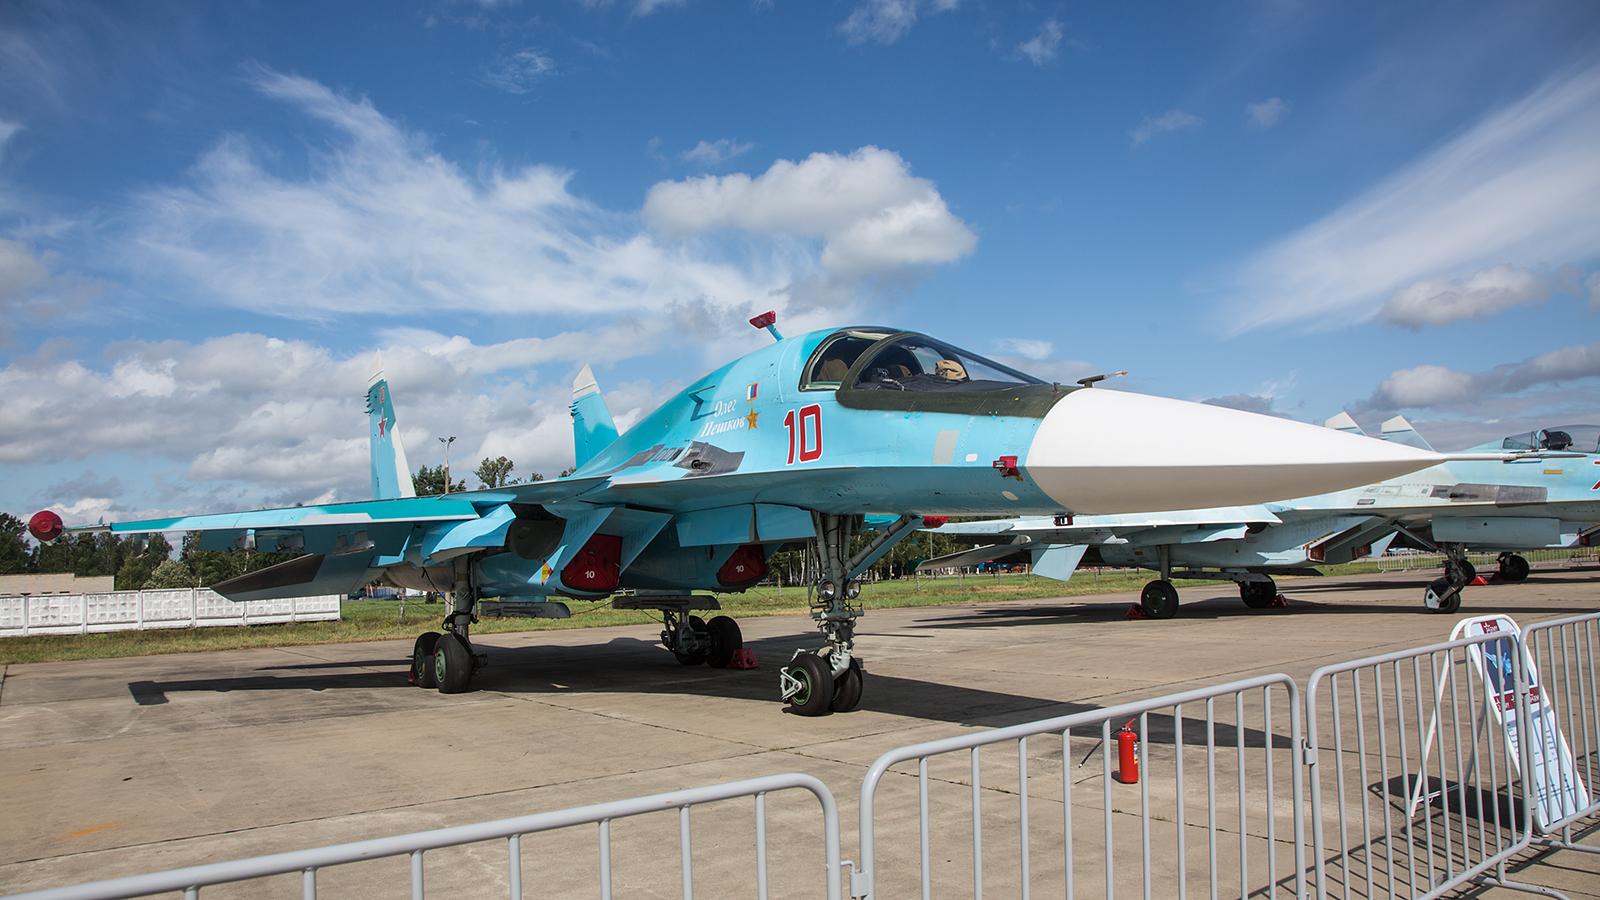 Nochmals die Su-34, hier mit Sonne.